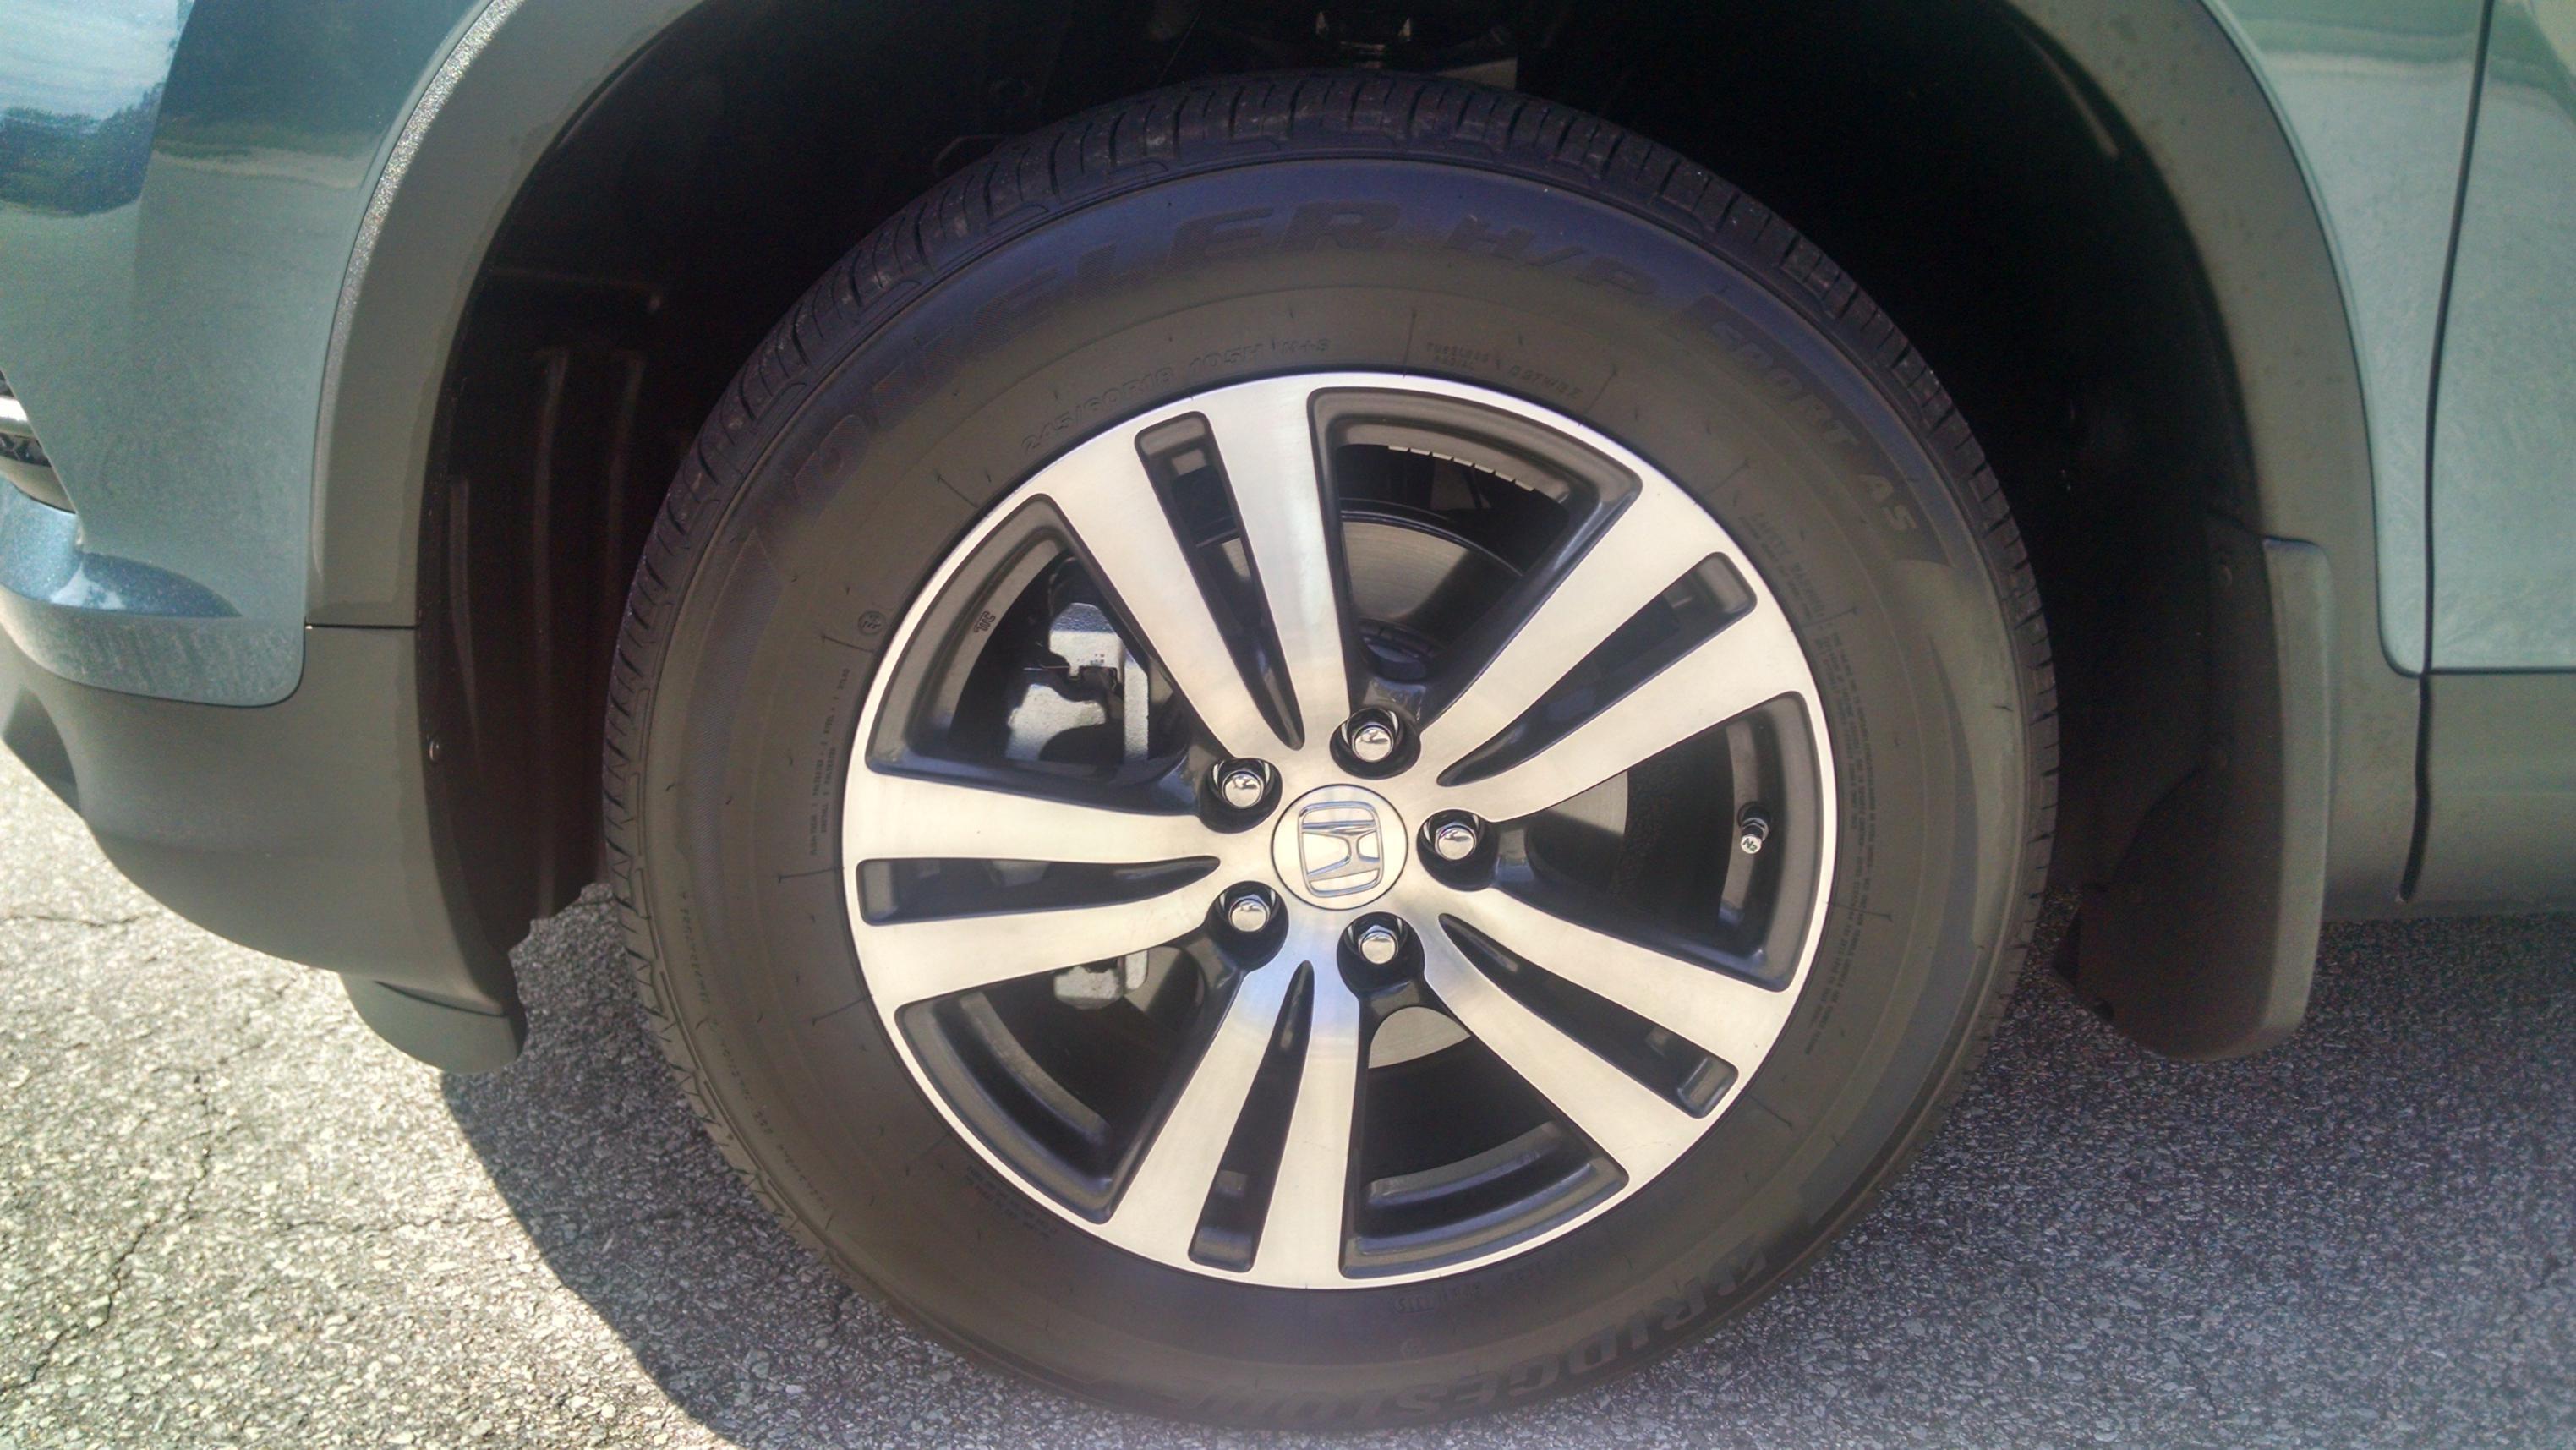 2016 pilot 18 wheels tires tpms honda pilot honda pilot forums. Black Bedroom Furniture Sets. Home Design Ideas